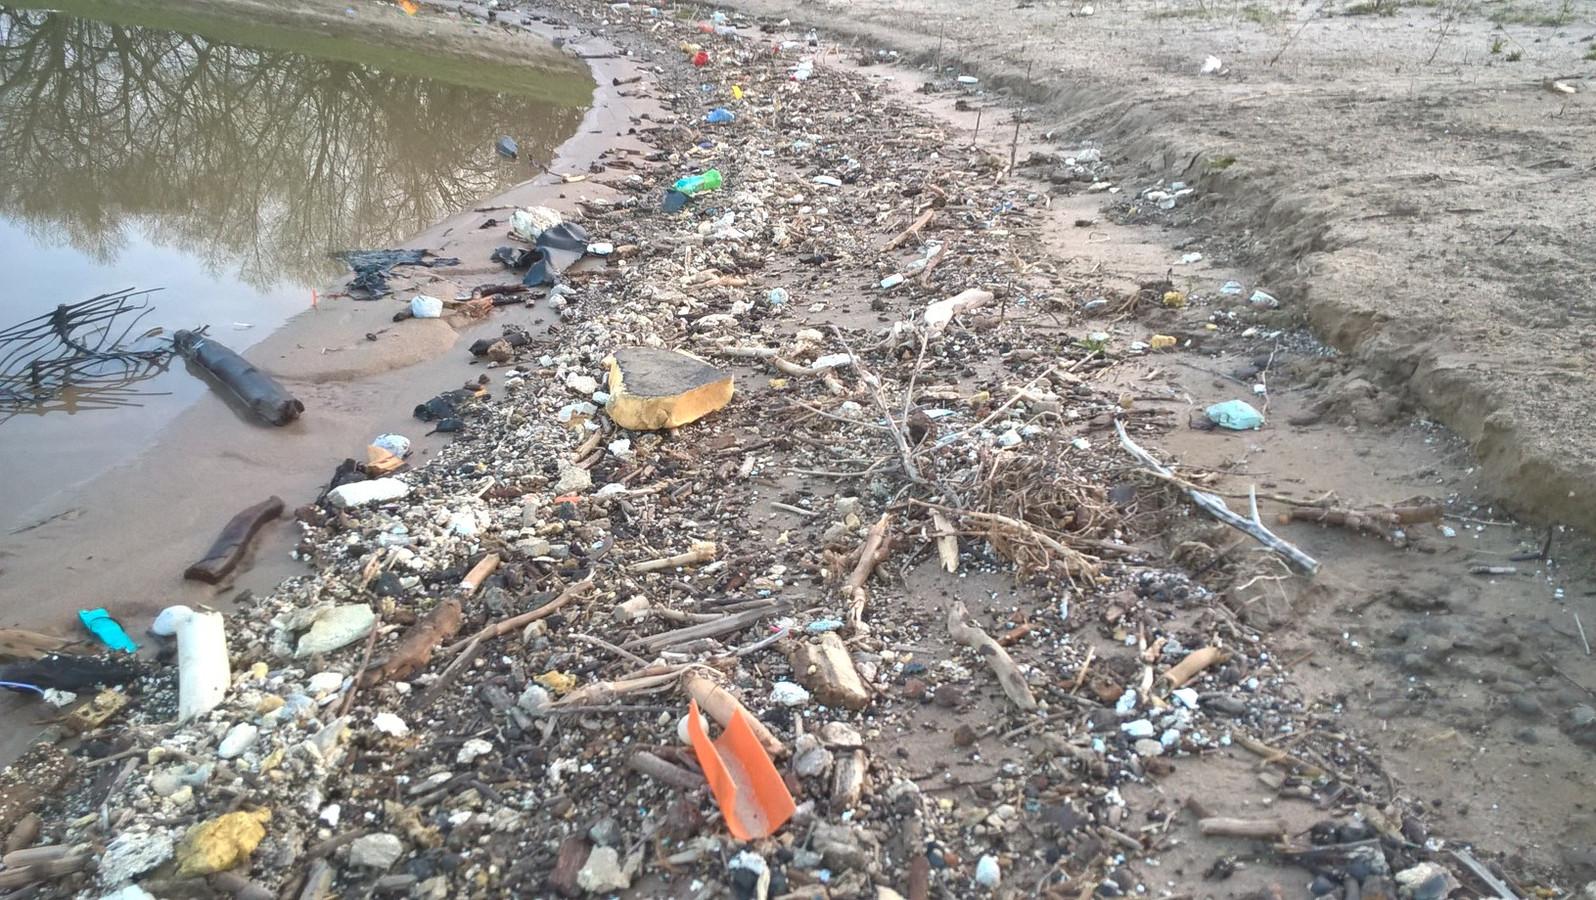 De oevers liggen vol met afval.